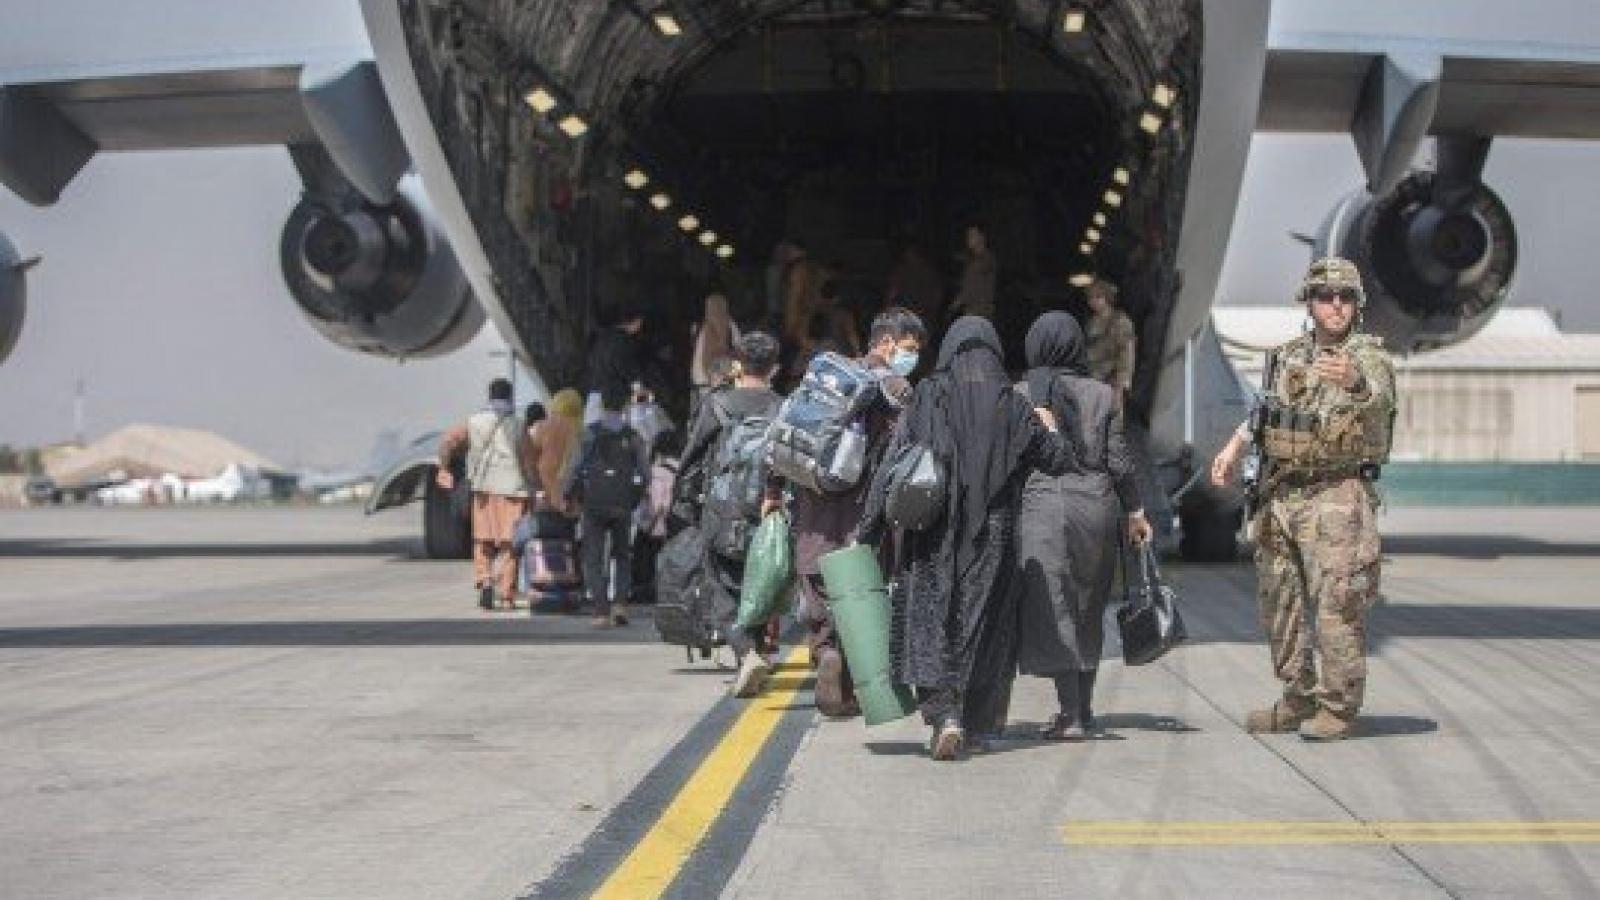 Máy bay quân sự của Italy chở công dân sơ tán bị bắn khi rời sân bay Kabul